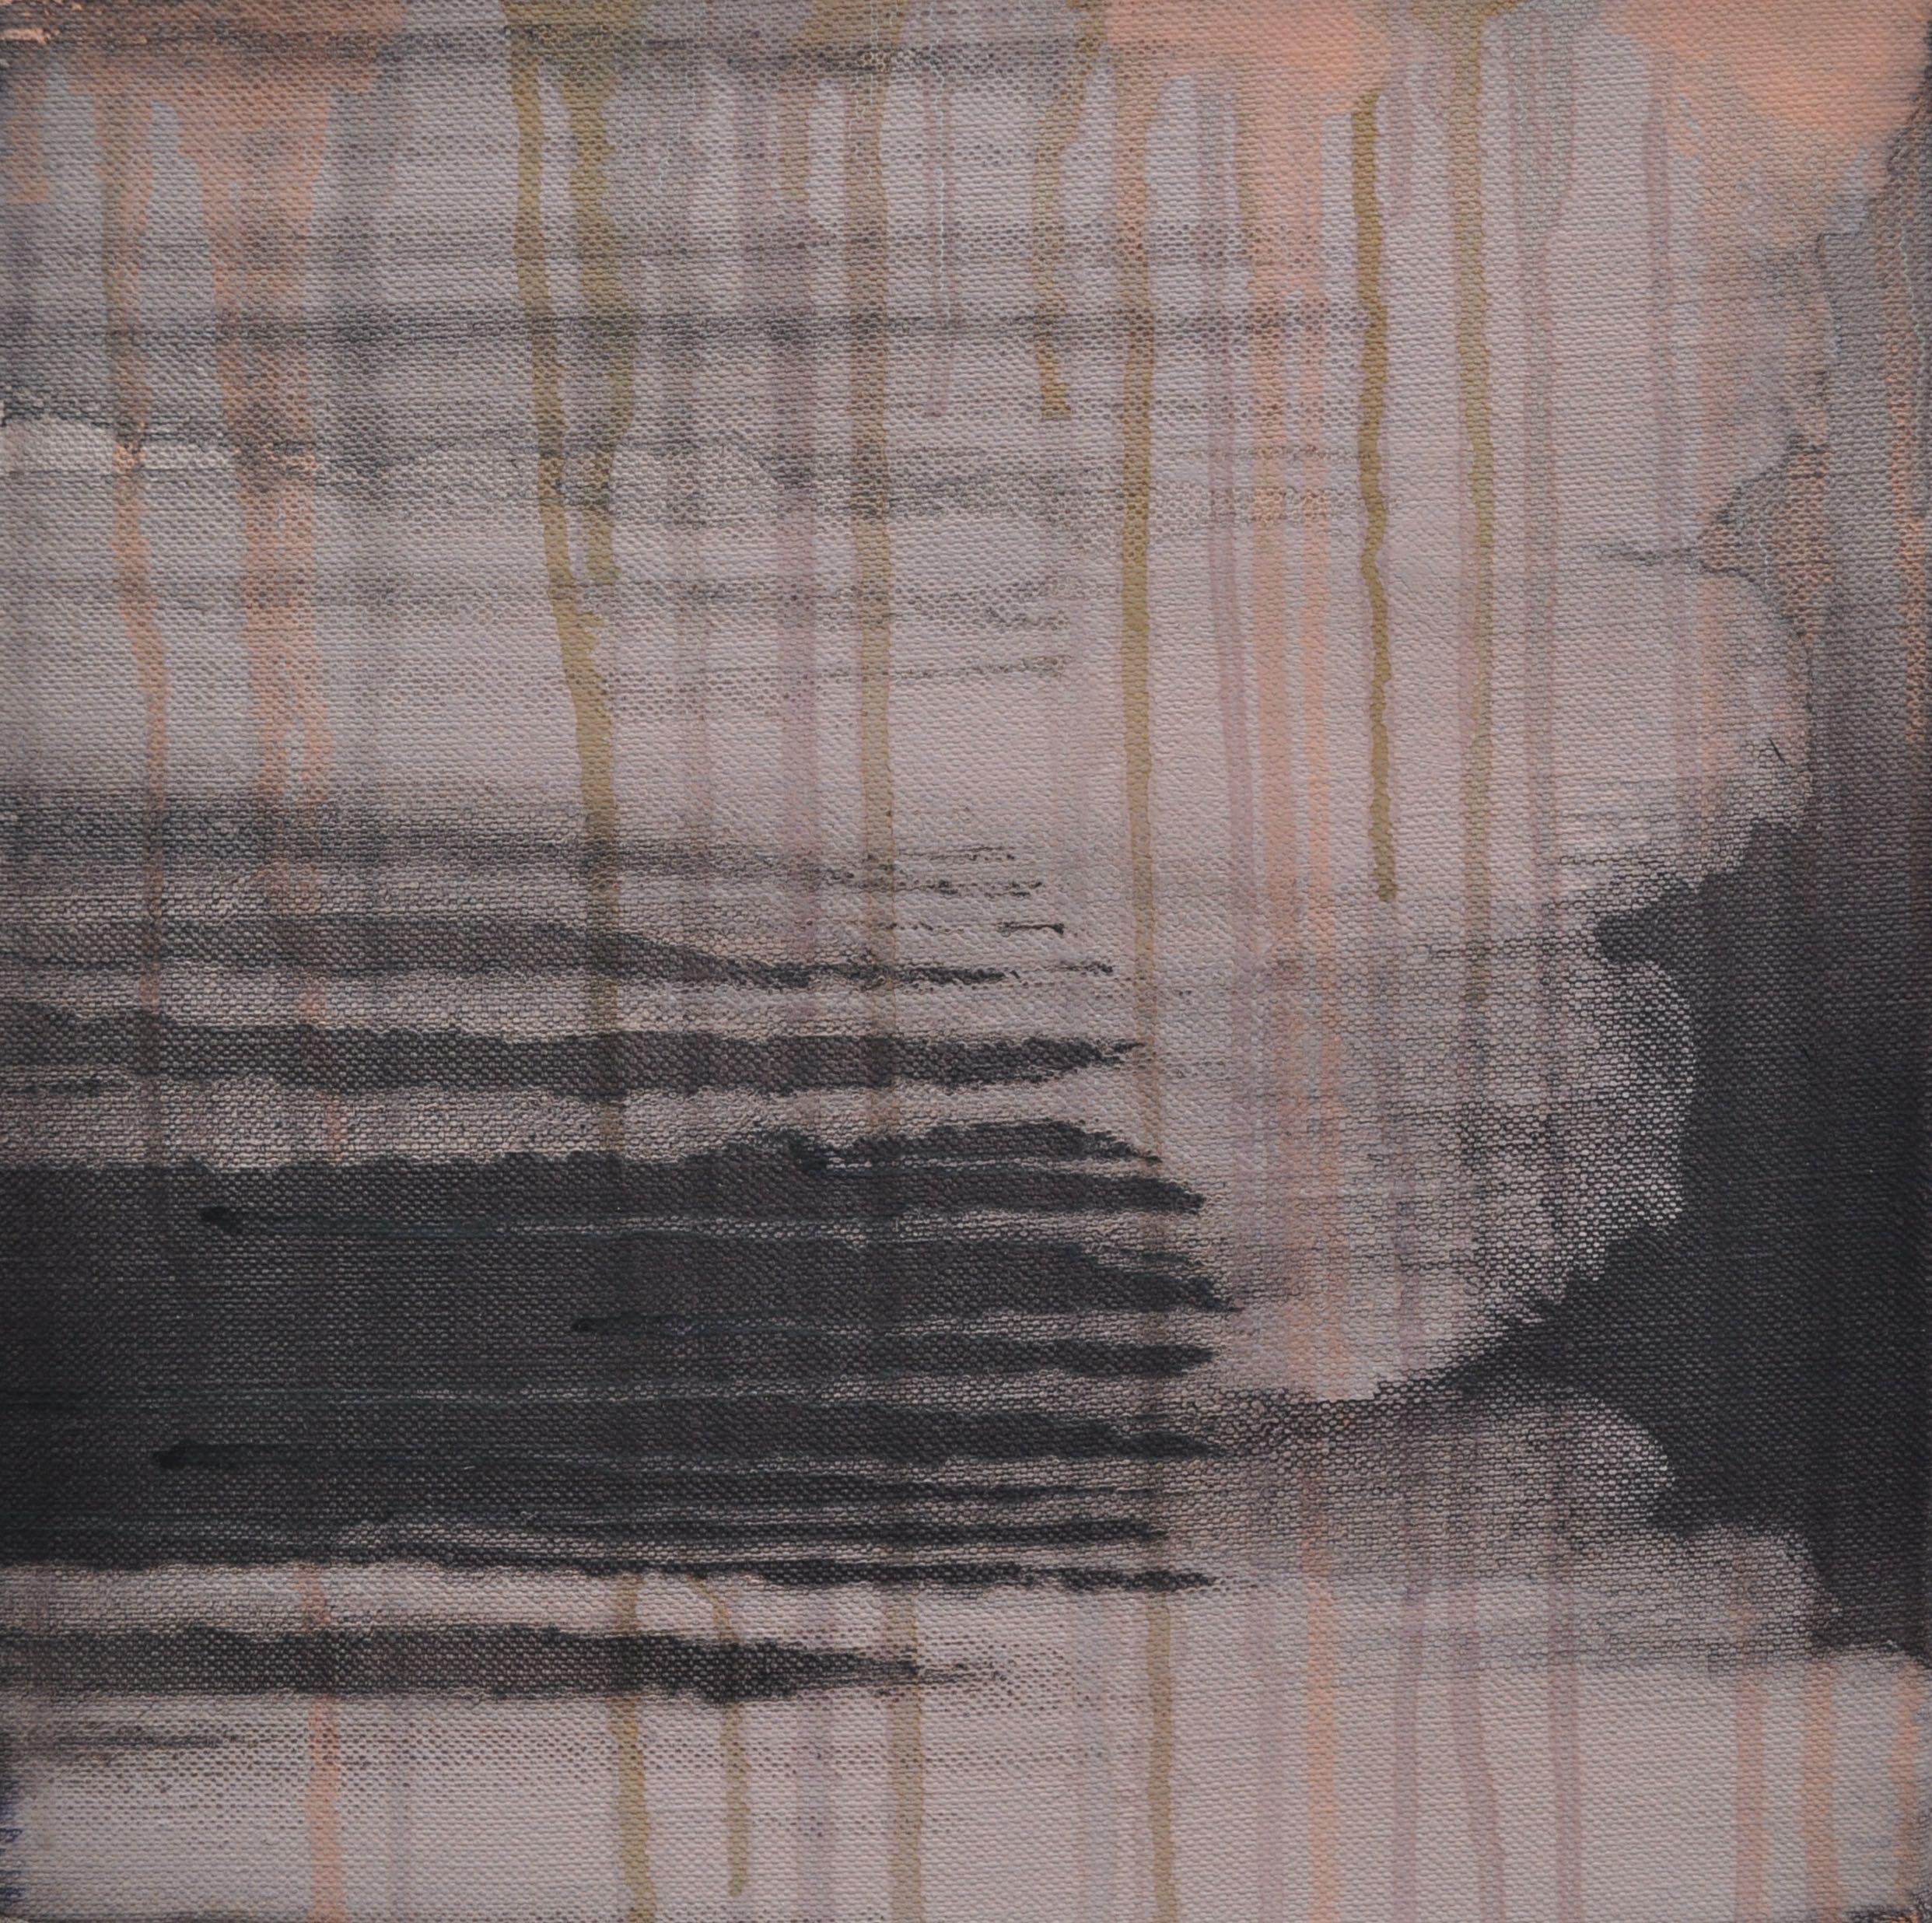 Endless Conversations 11 30x30cm Oil on Linen 2015.jpg